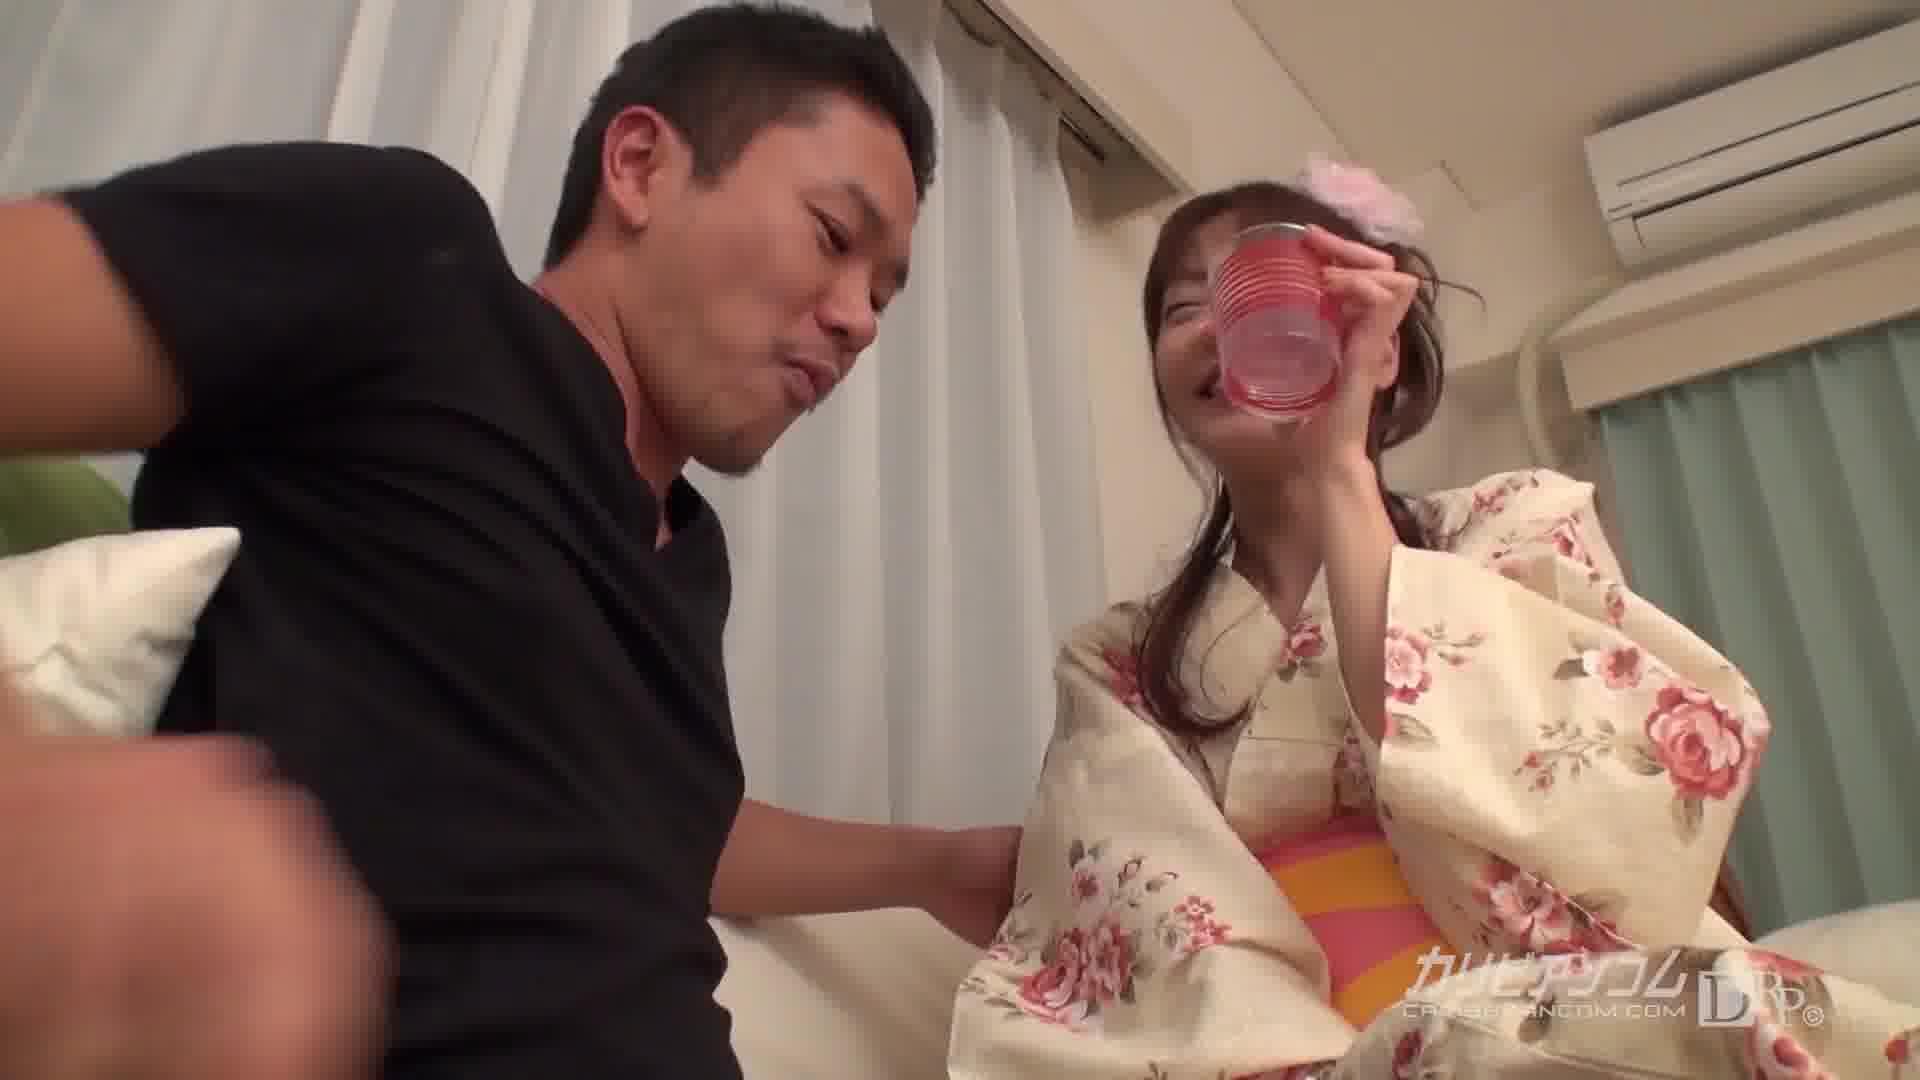 夏の想い出 Vol.8 - 本多成実【コスプレ・浴衣・中出し】